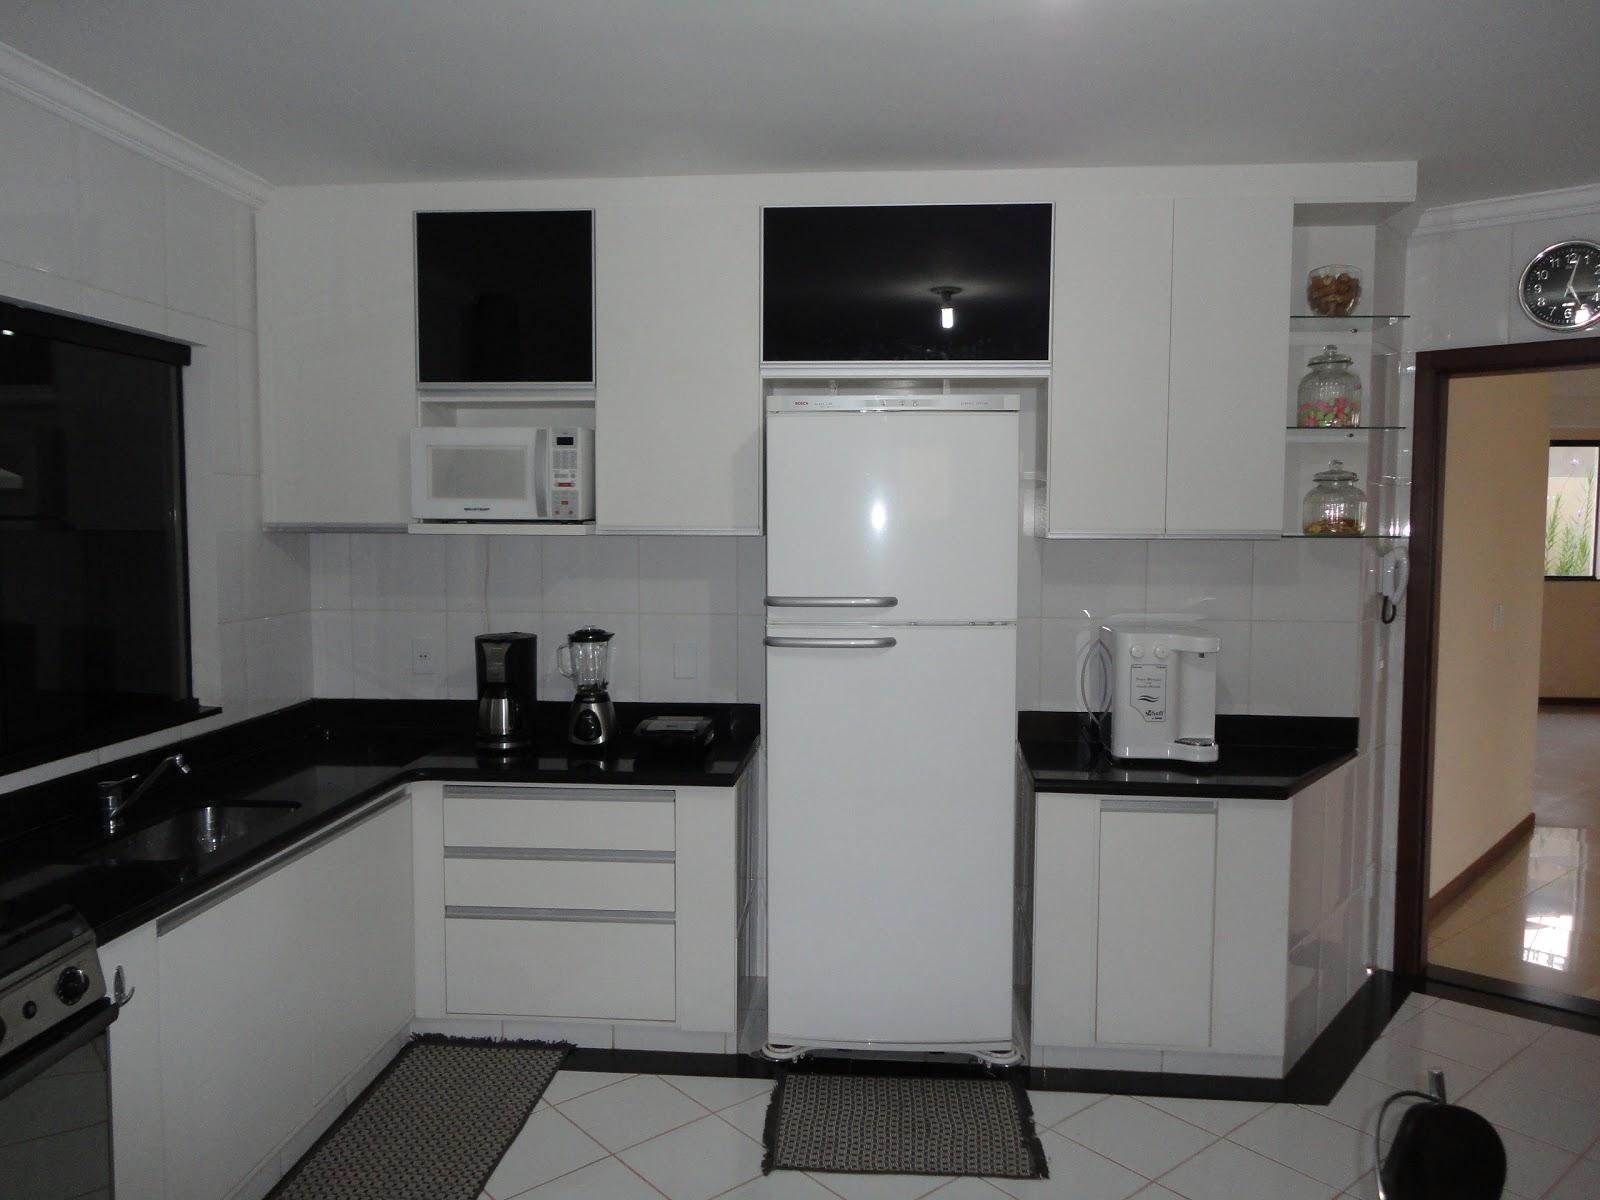 #6F5F4E Tendências em cozinhas planejadas 1600x1200 px Projetos Cozinhas Planejadas Pequenas #105 imagens